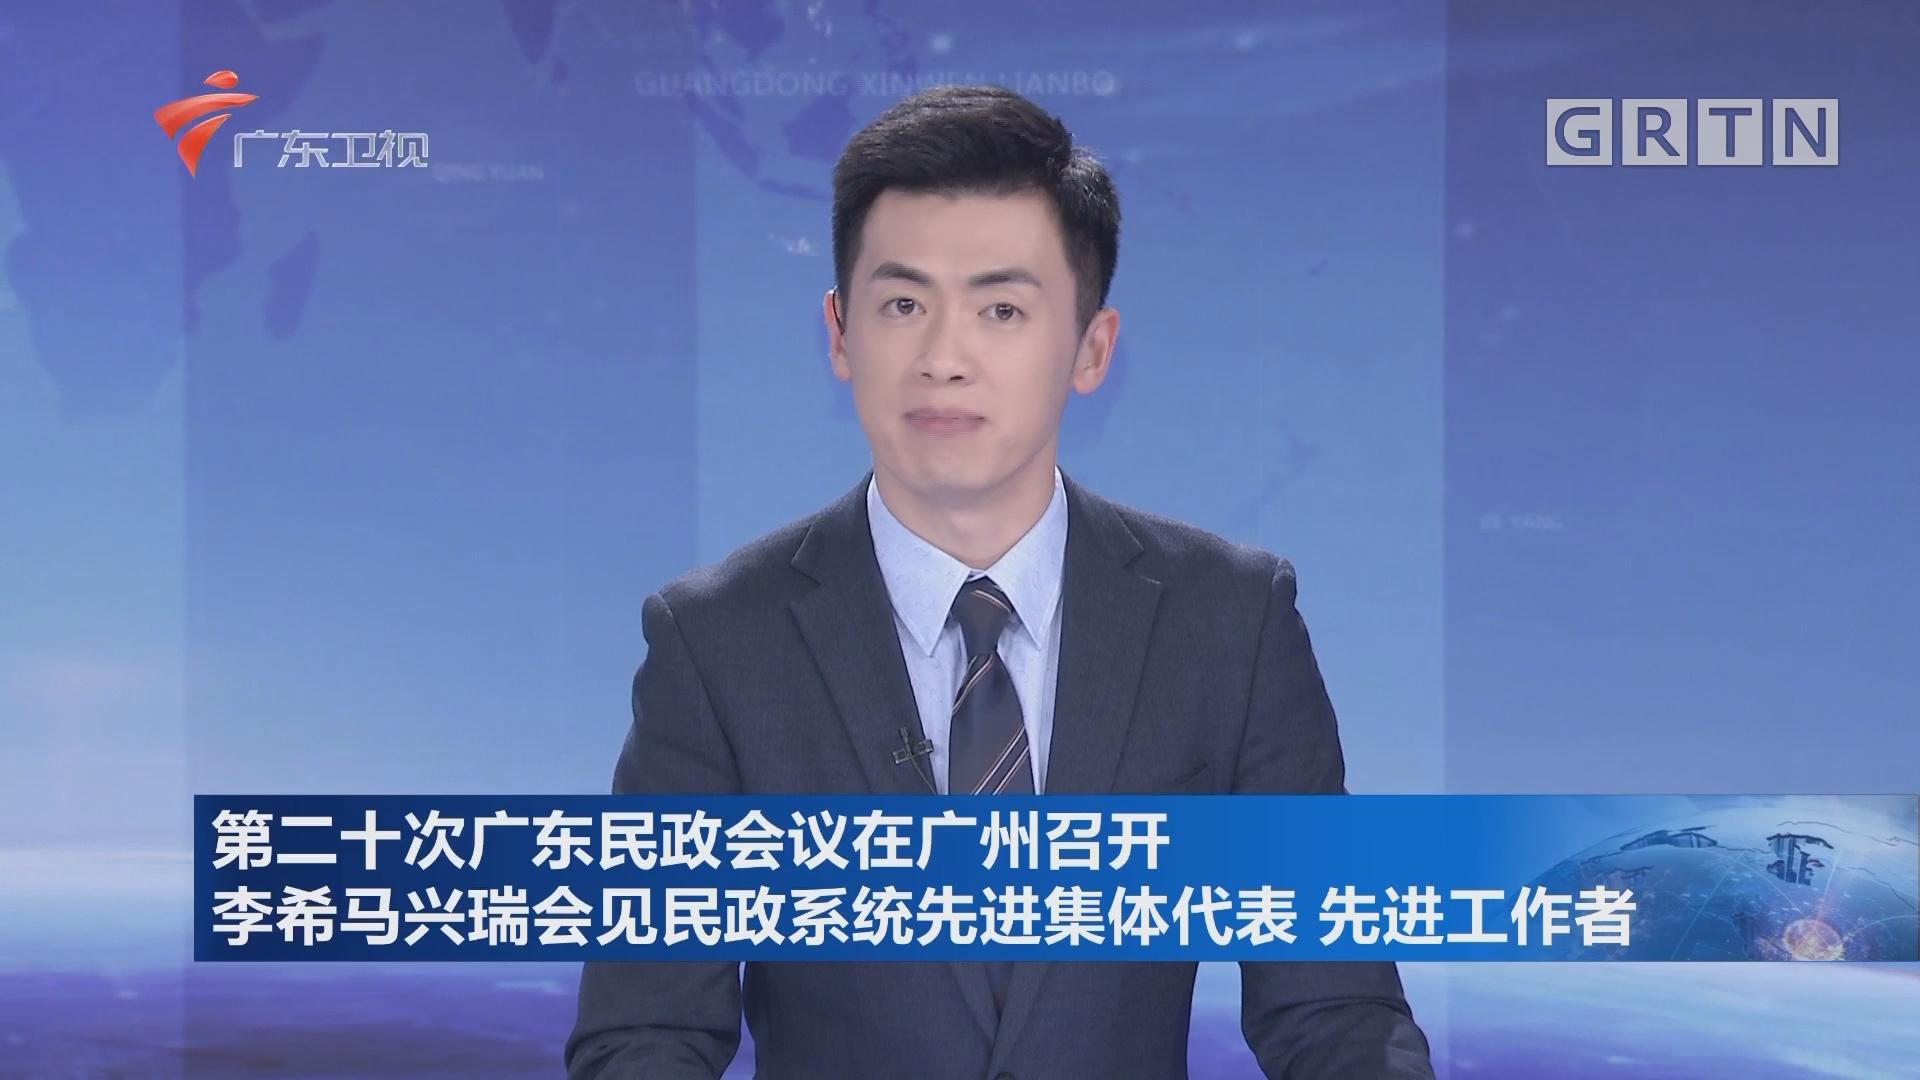 第二十次广东民政会议在广州召开 李希马兴瑞会见民政系统先进集体代表 先进工作者